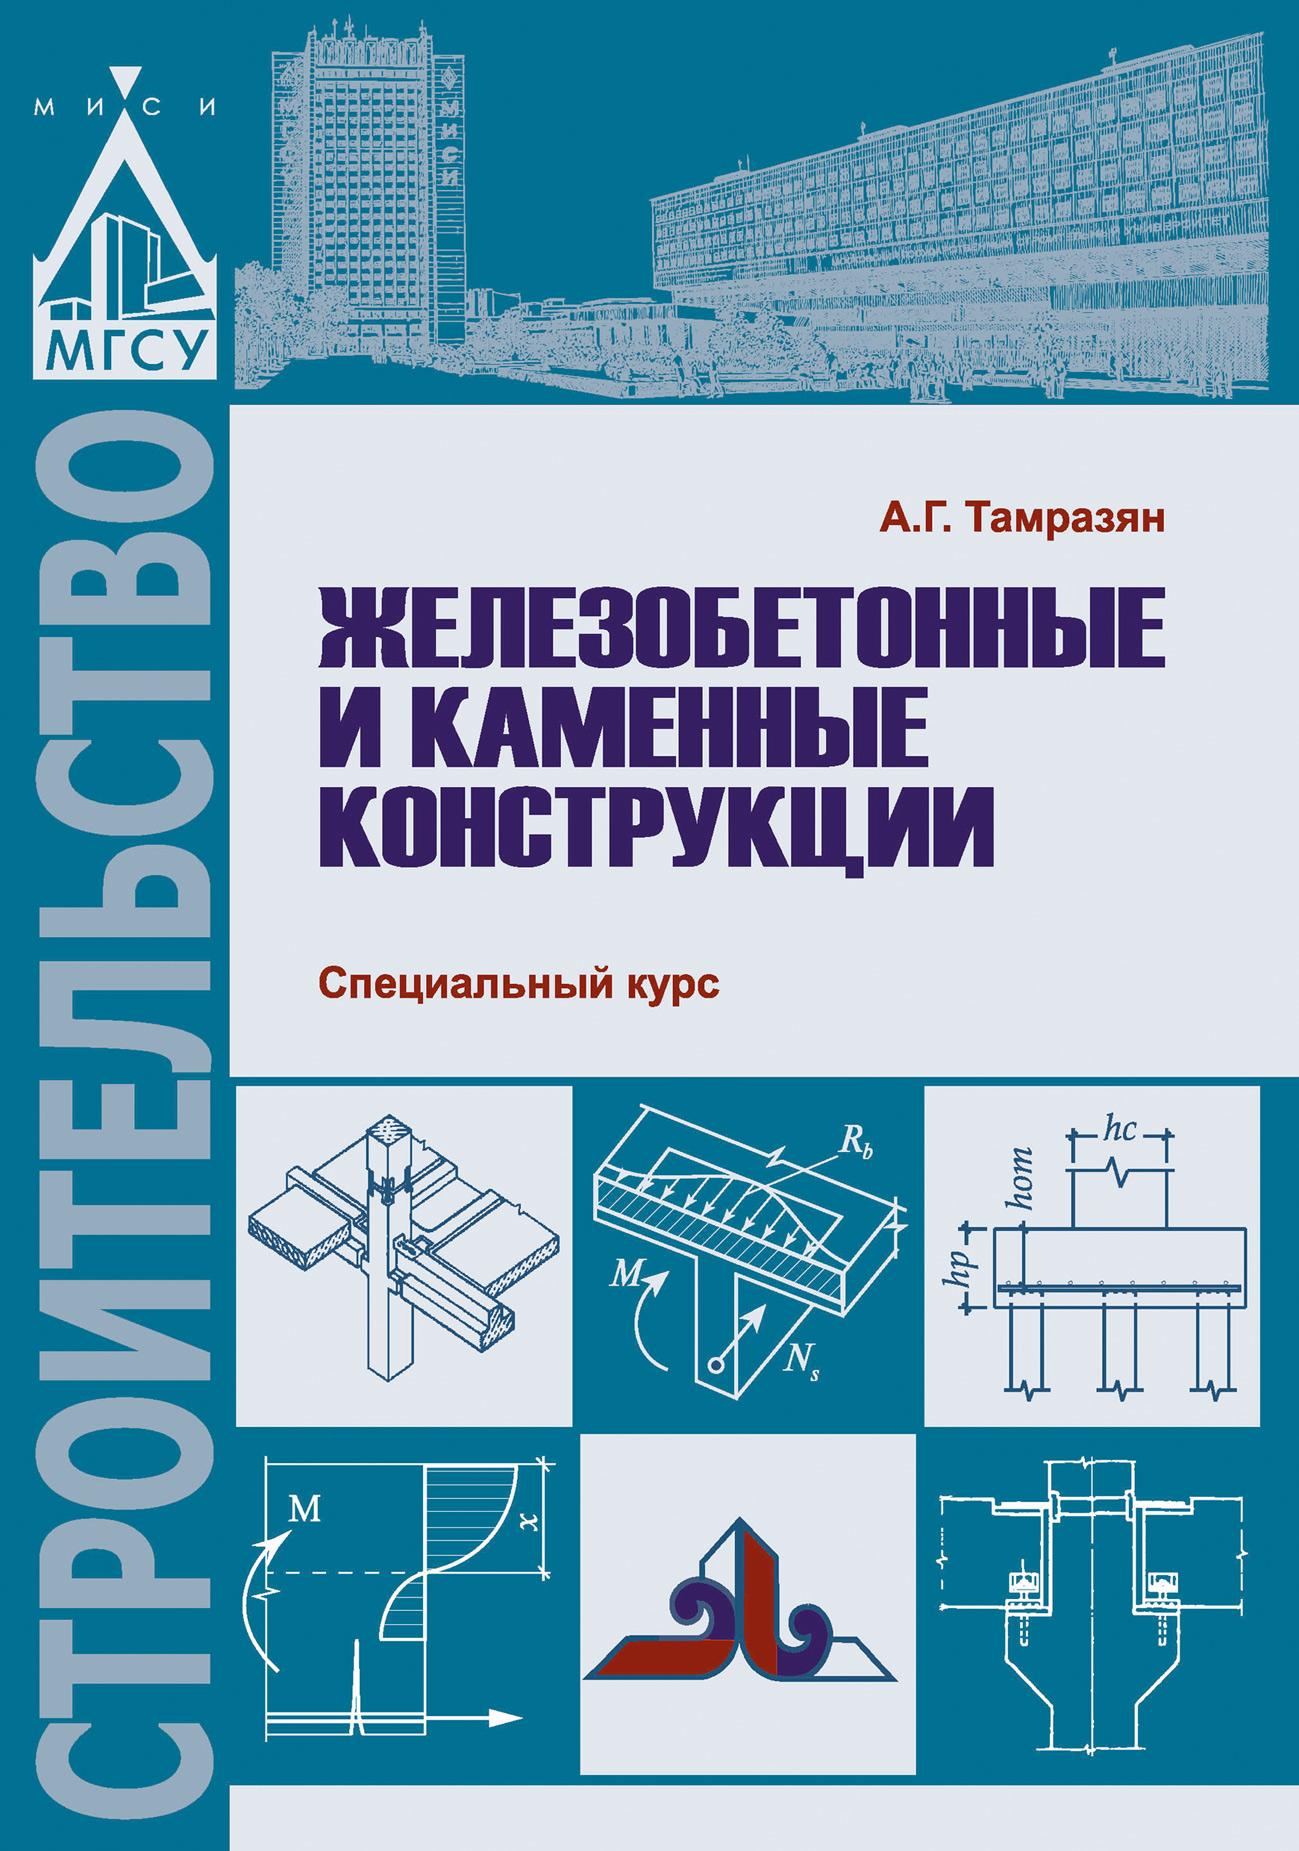 цена Ашот Тамразян Железобетонные и каменные конструкции. Специальный курс онлайн в 2017 году